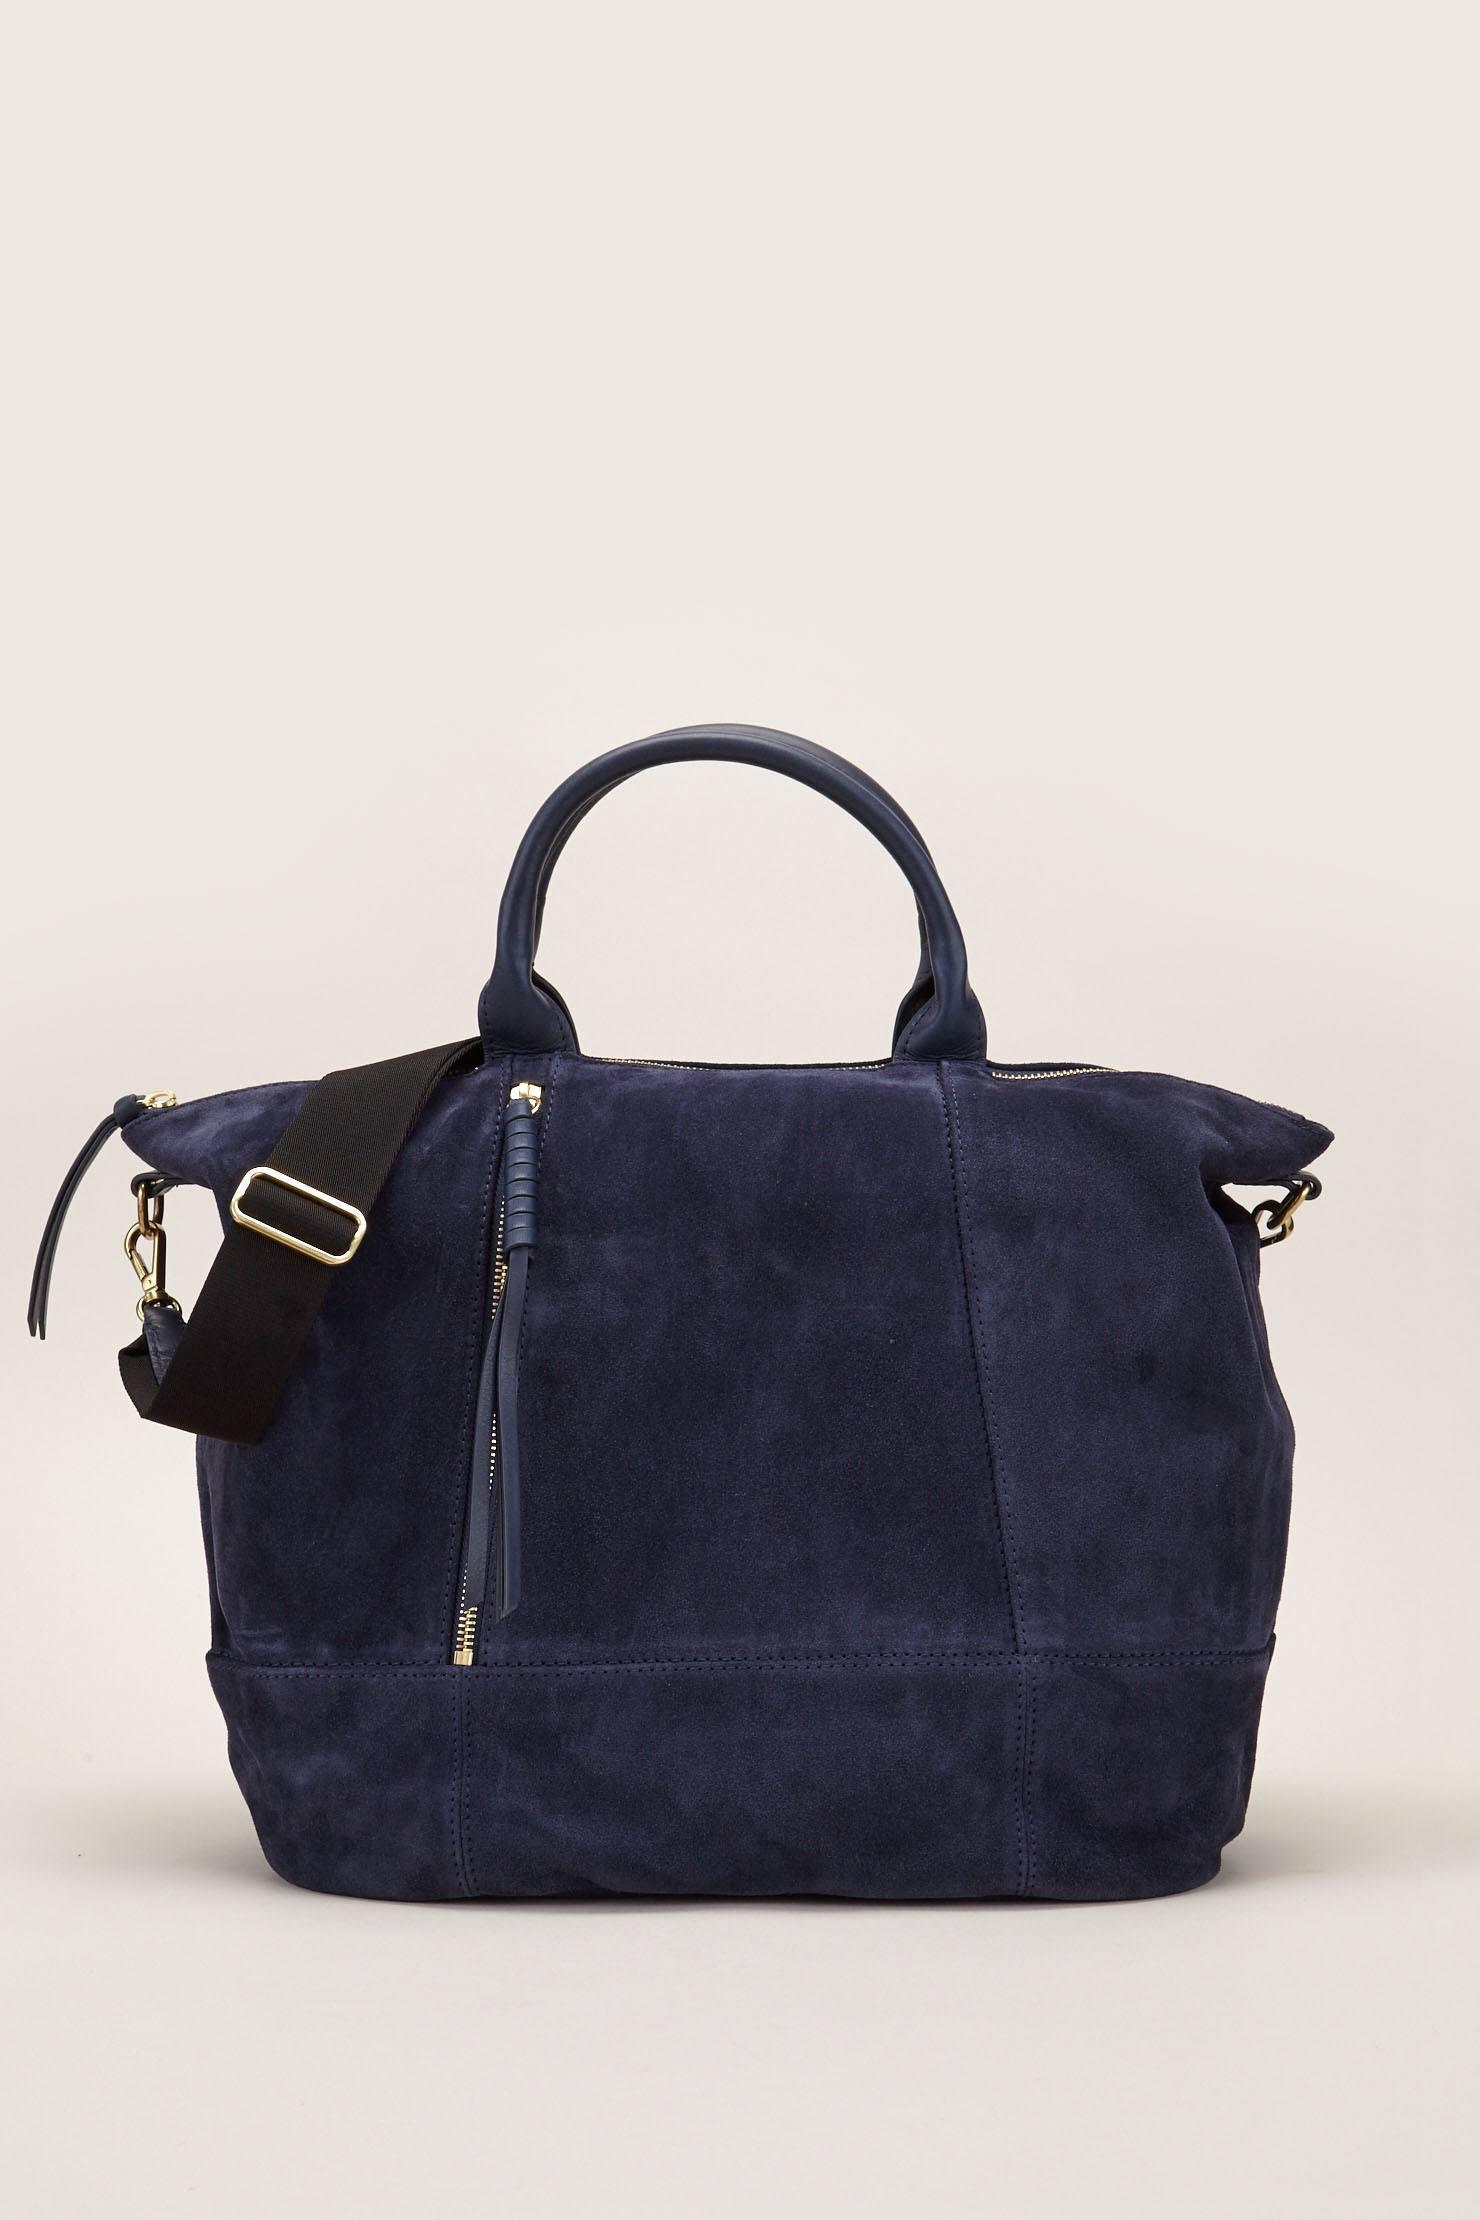 Darel Simple Mini Gerard Sac Fourre-tout 2 En Bleu, Au Large De Blanc Et En Relief En Cuir De Veau Noir